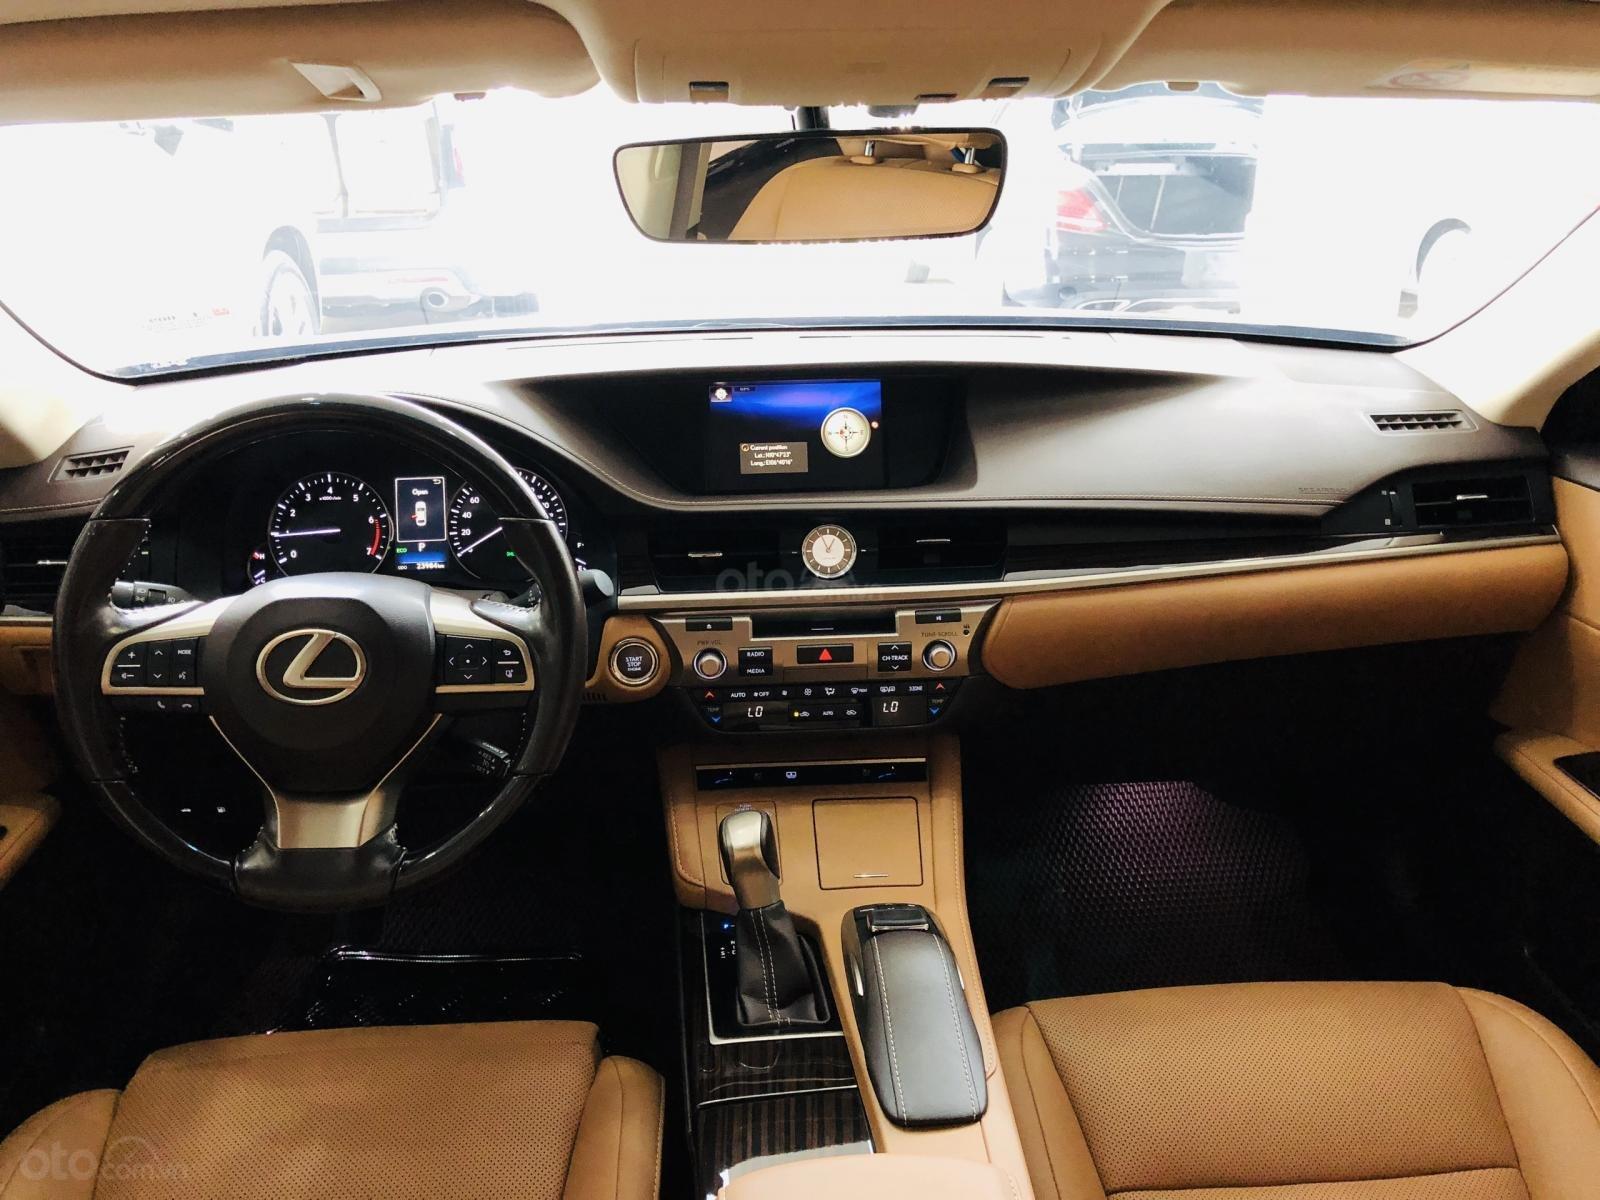 Bán Lexus ES 250 sản xuất 2016, đăng ký 2017, xe đi lướt 24.000km, bao kiểm tra hãng, tiết kiệm so với xe mới 700 triệu-3